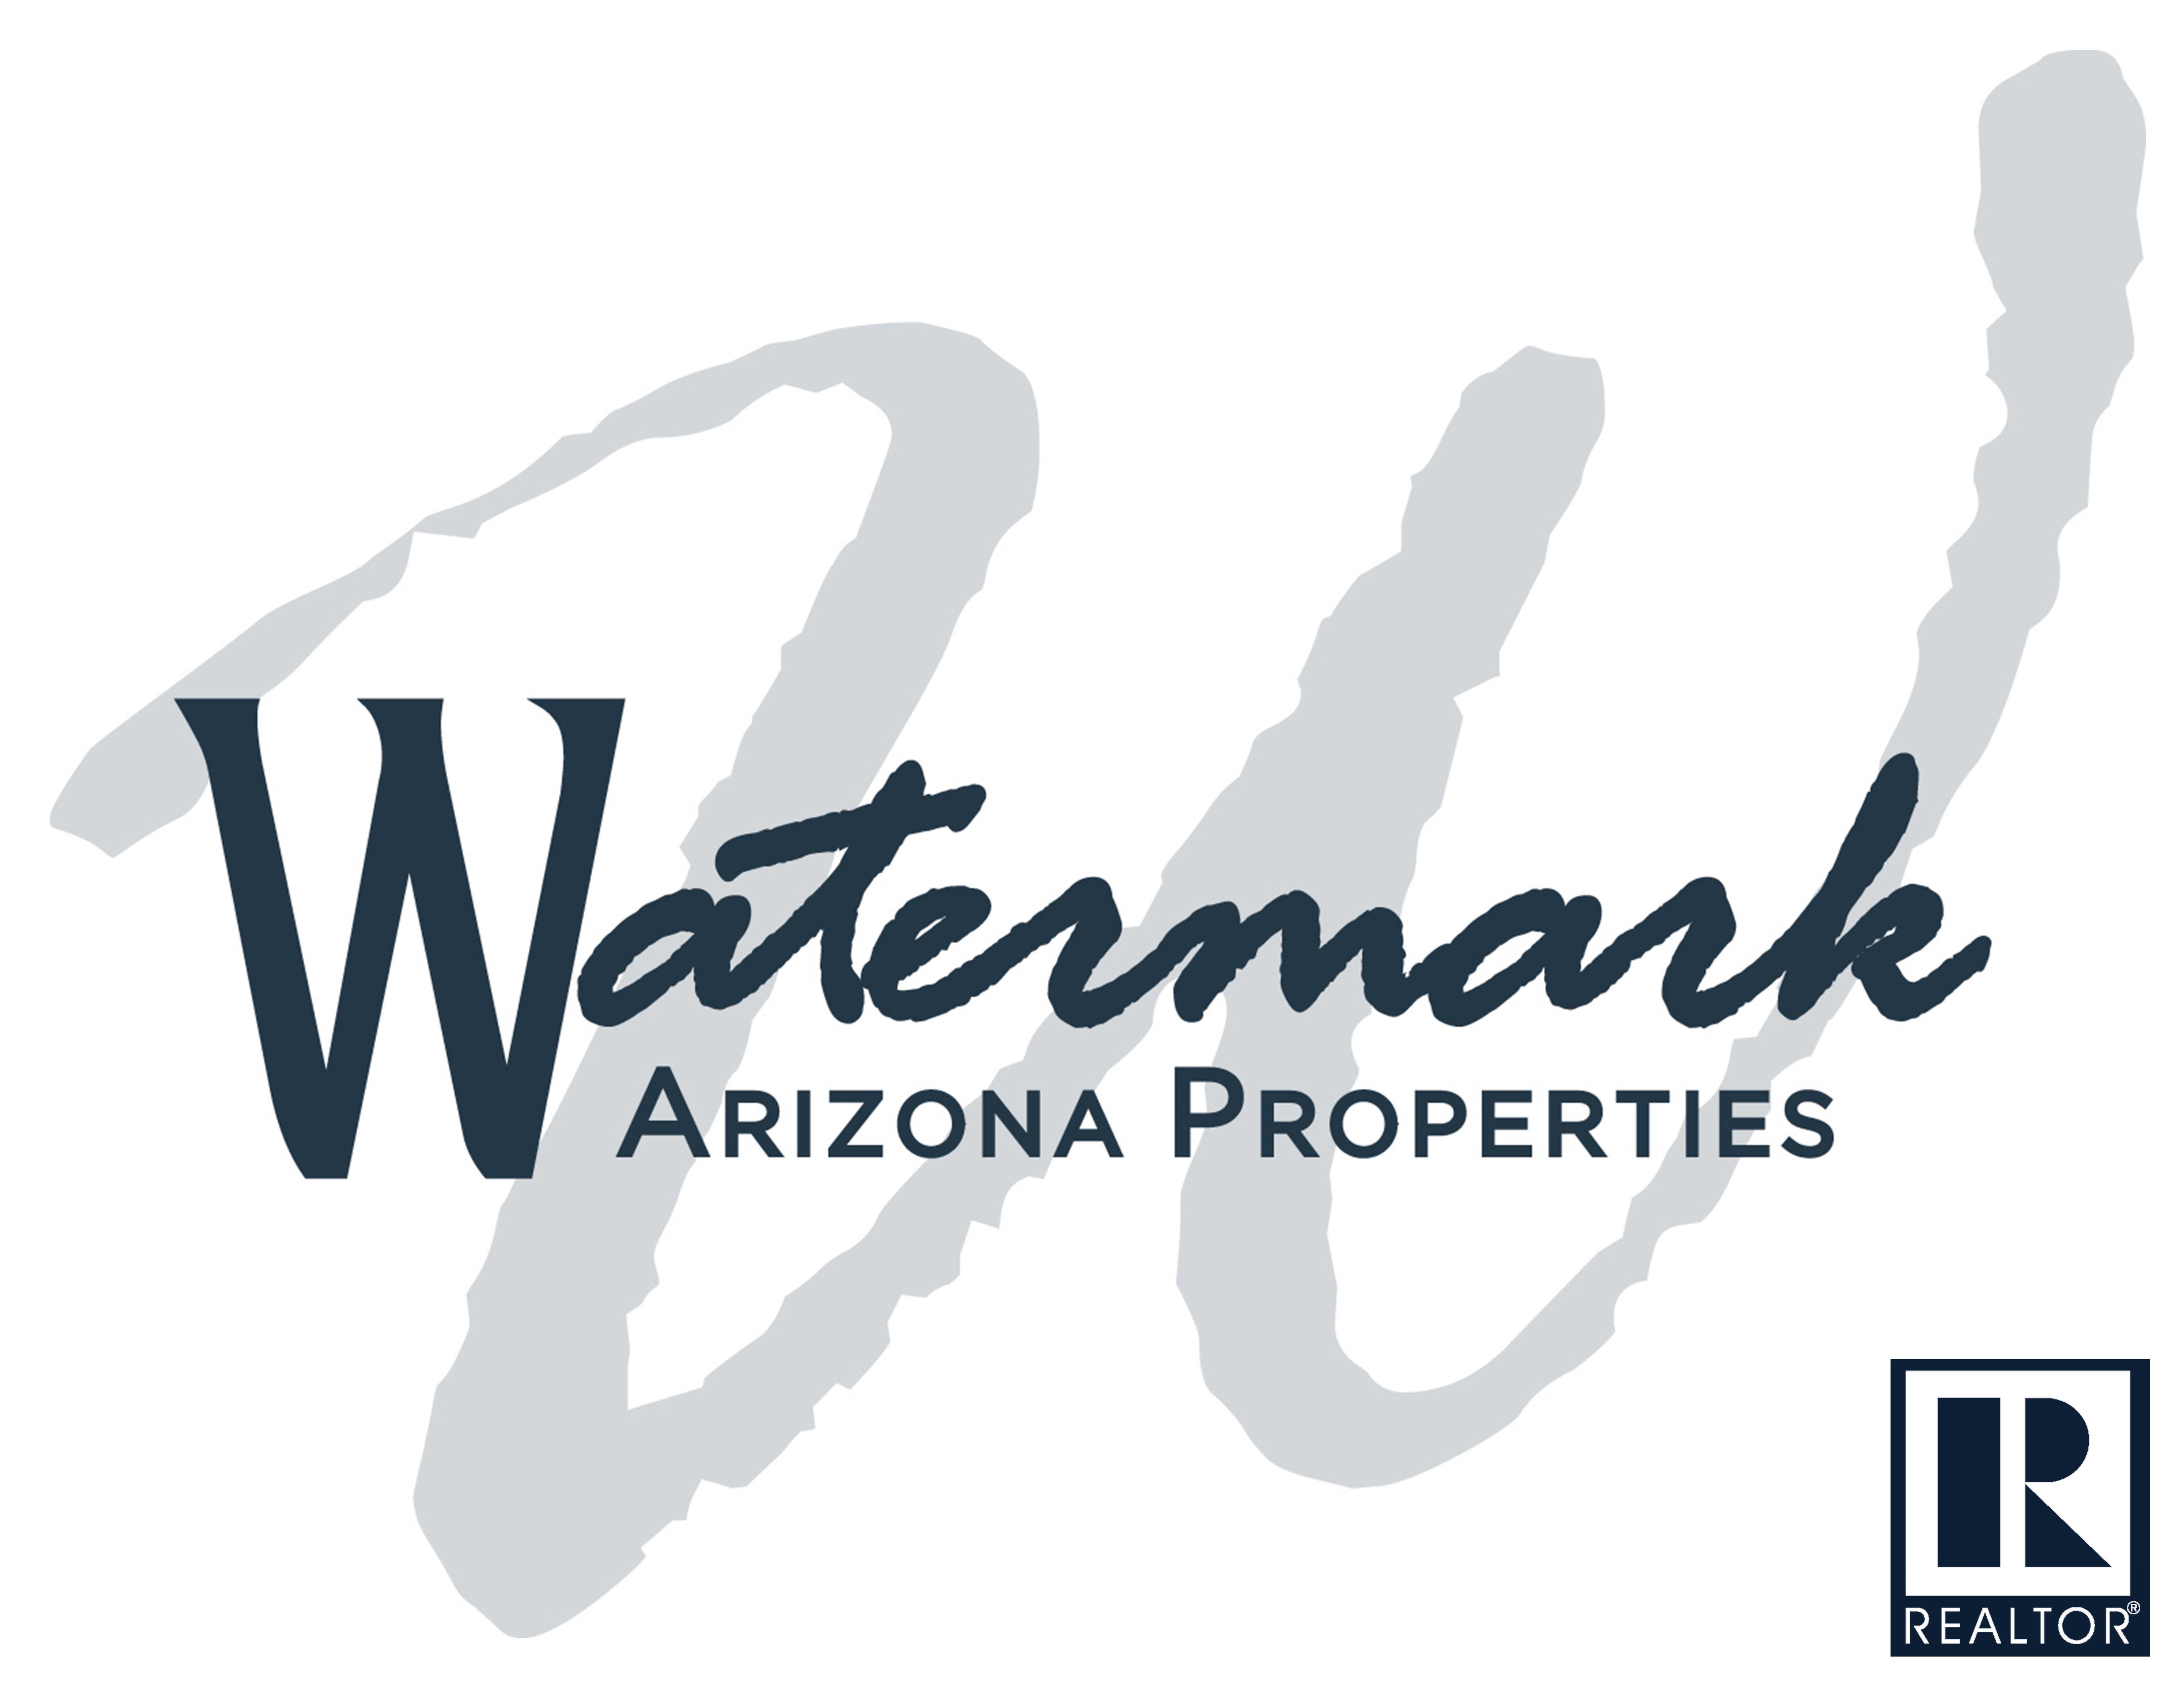 Watermark Arizona Properties